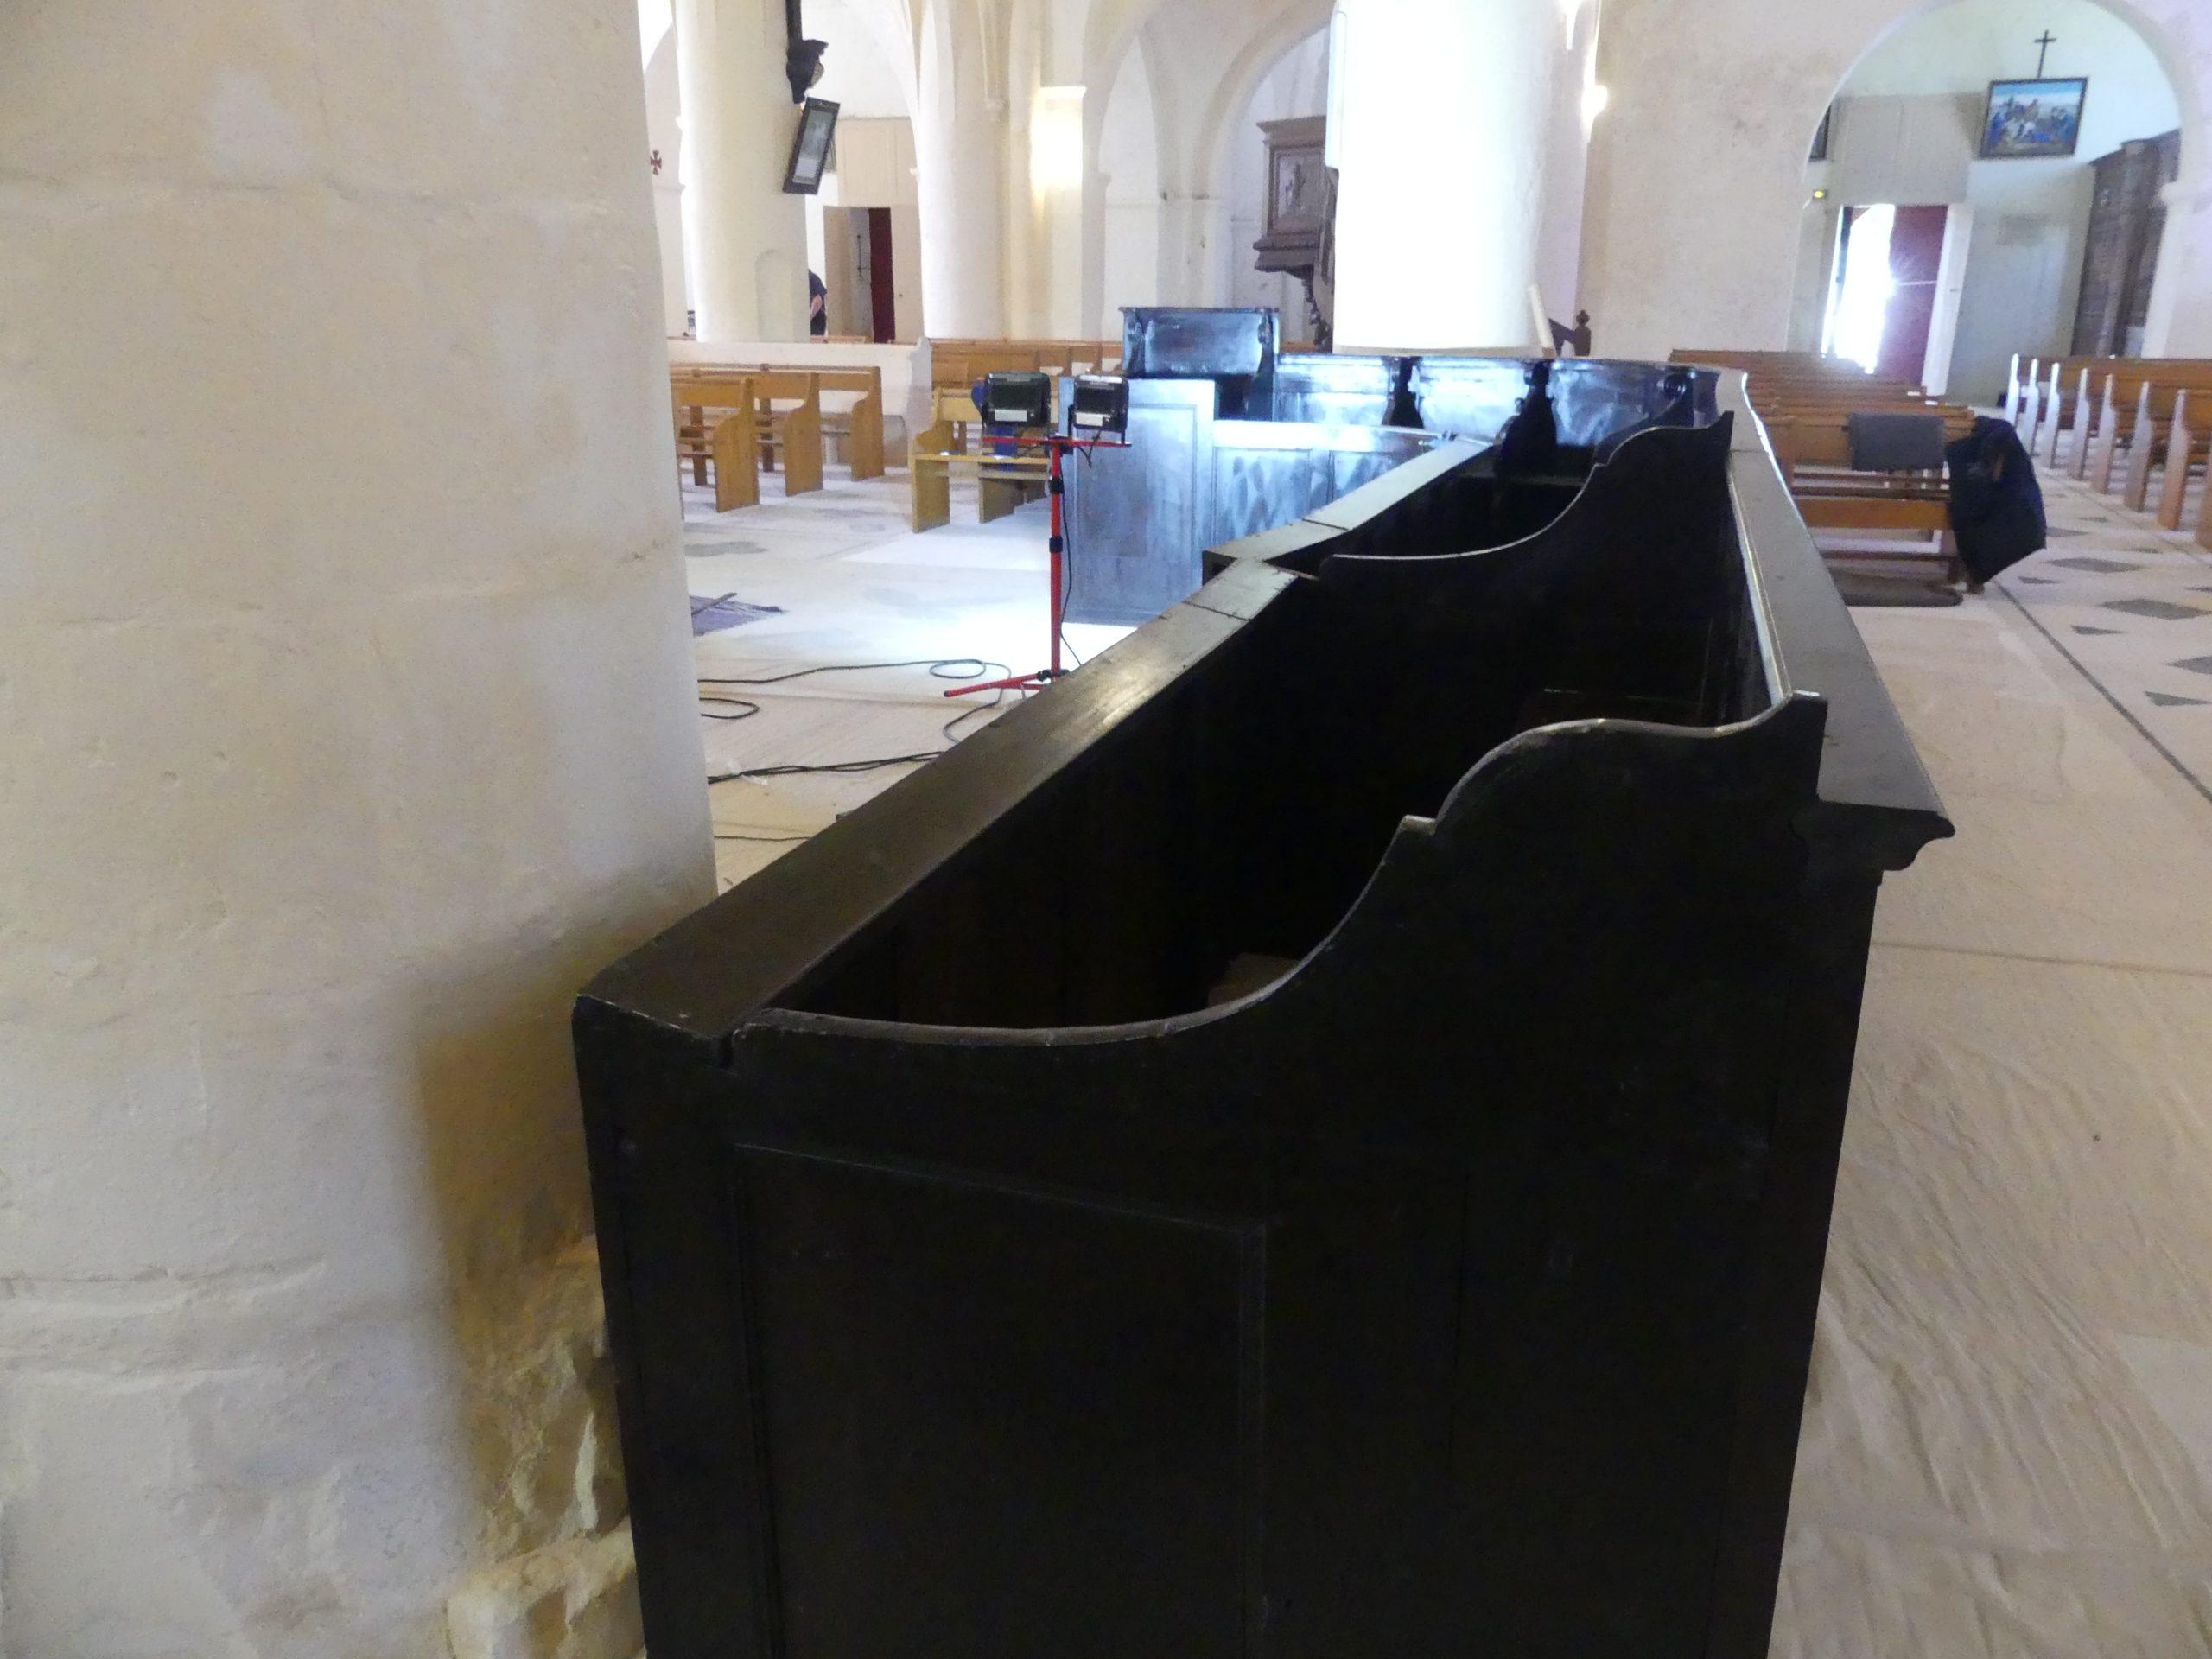 Ars-en-Ré - Eglise - Stalles - 11 juin 2020